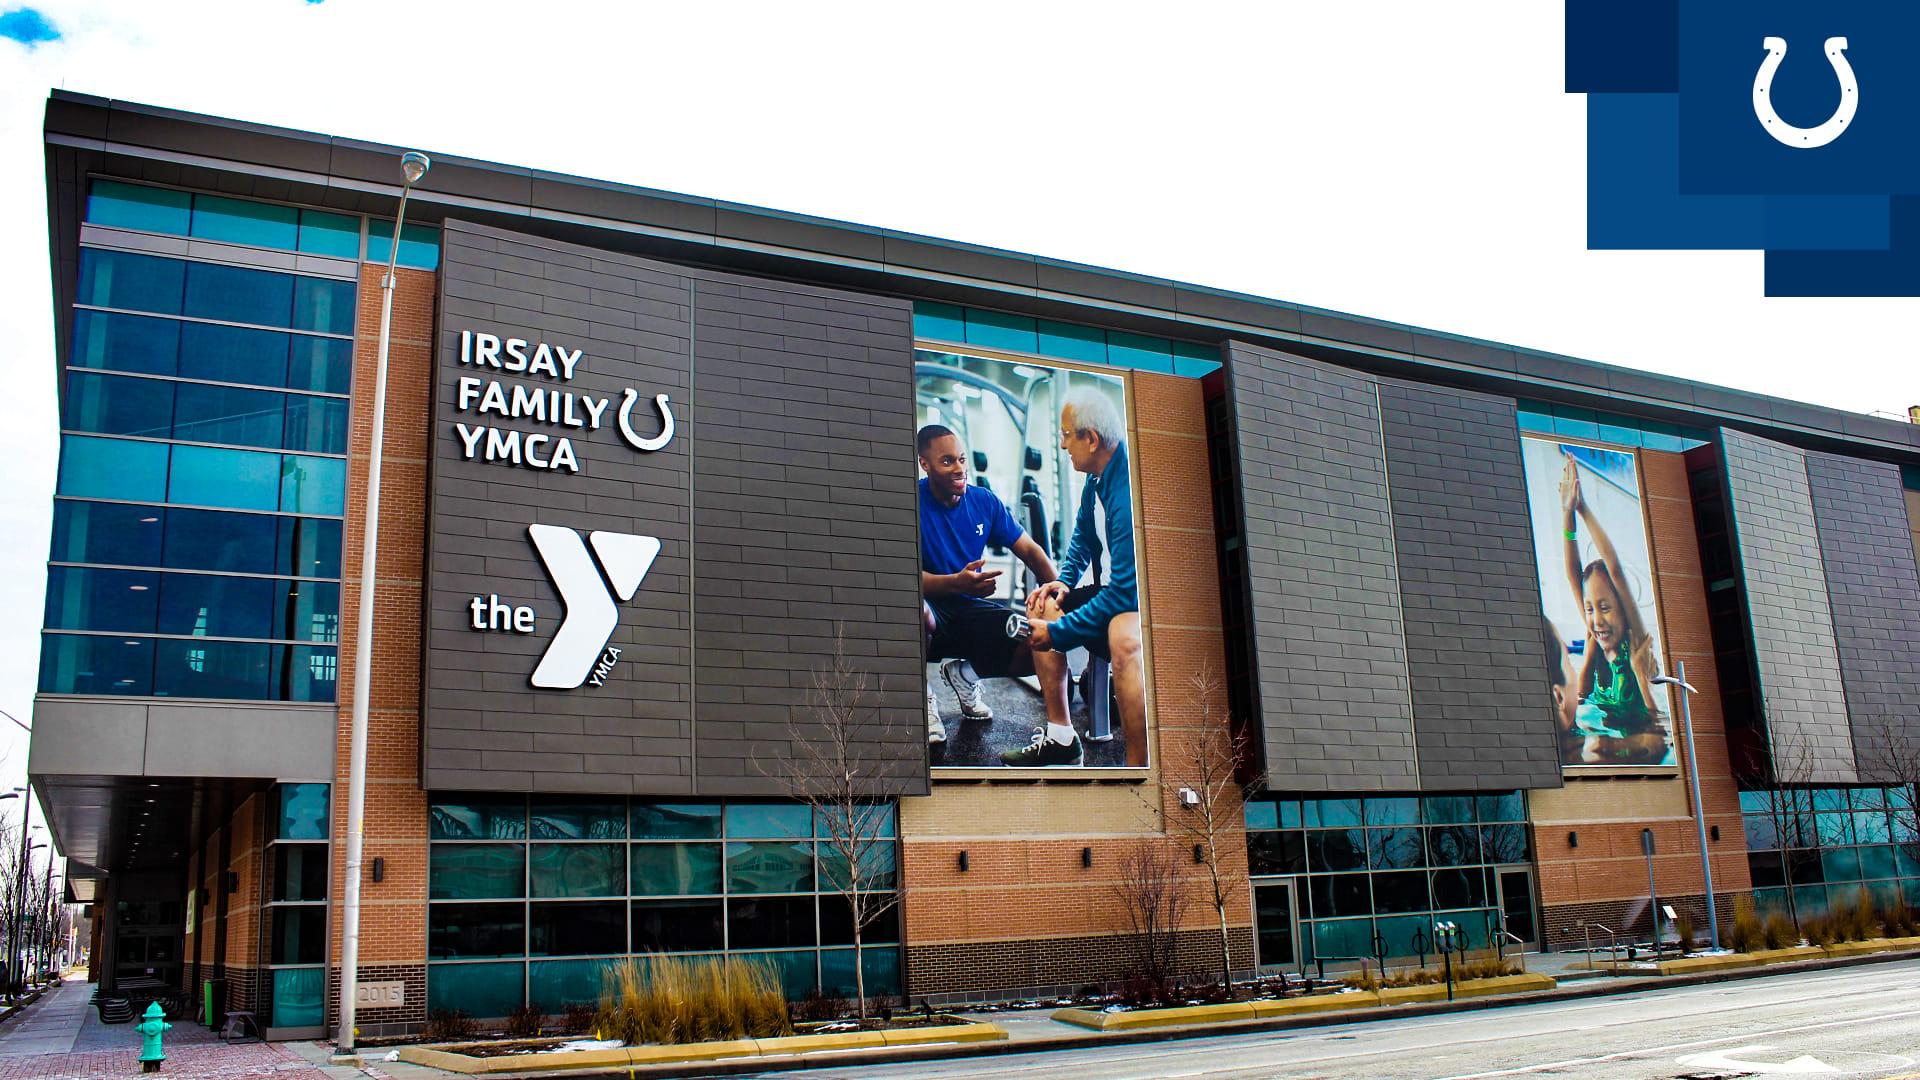 Irsay Family YMCA